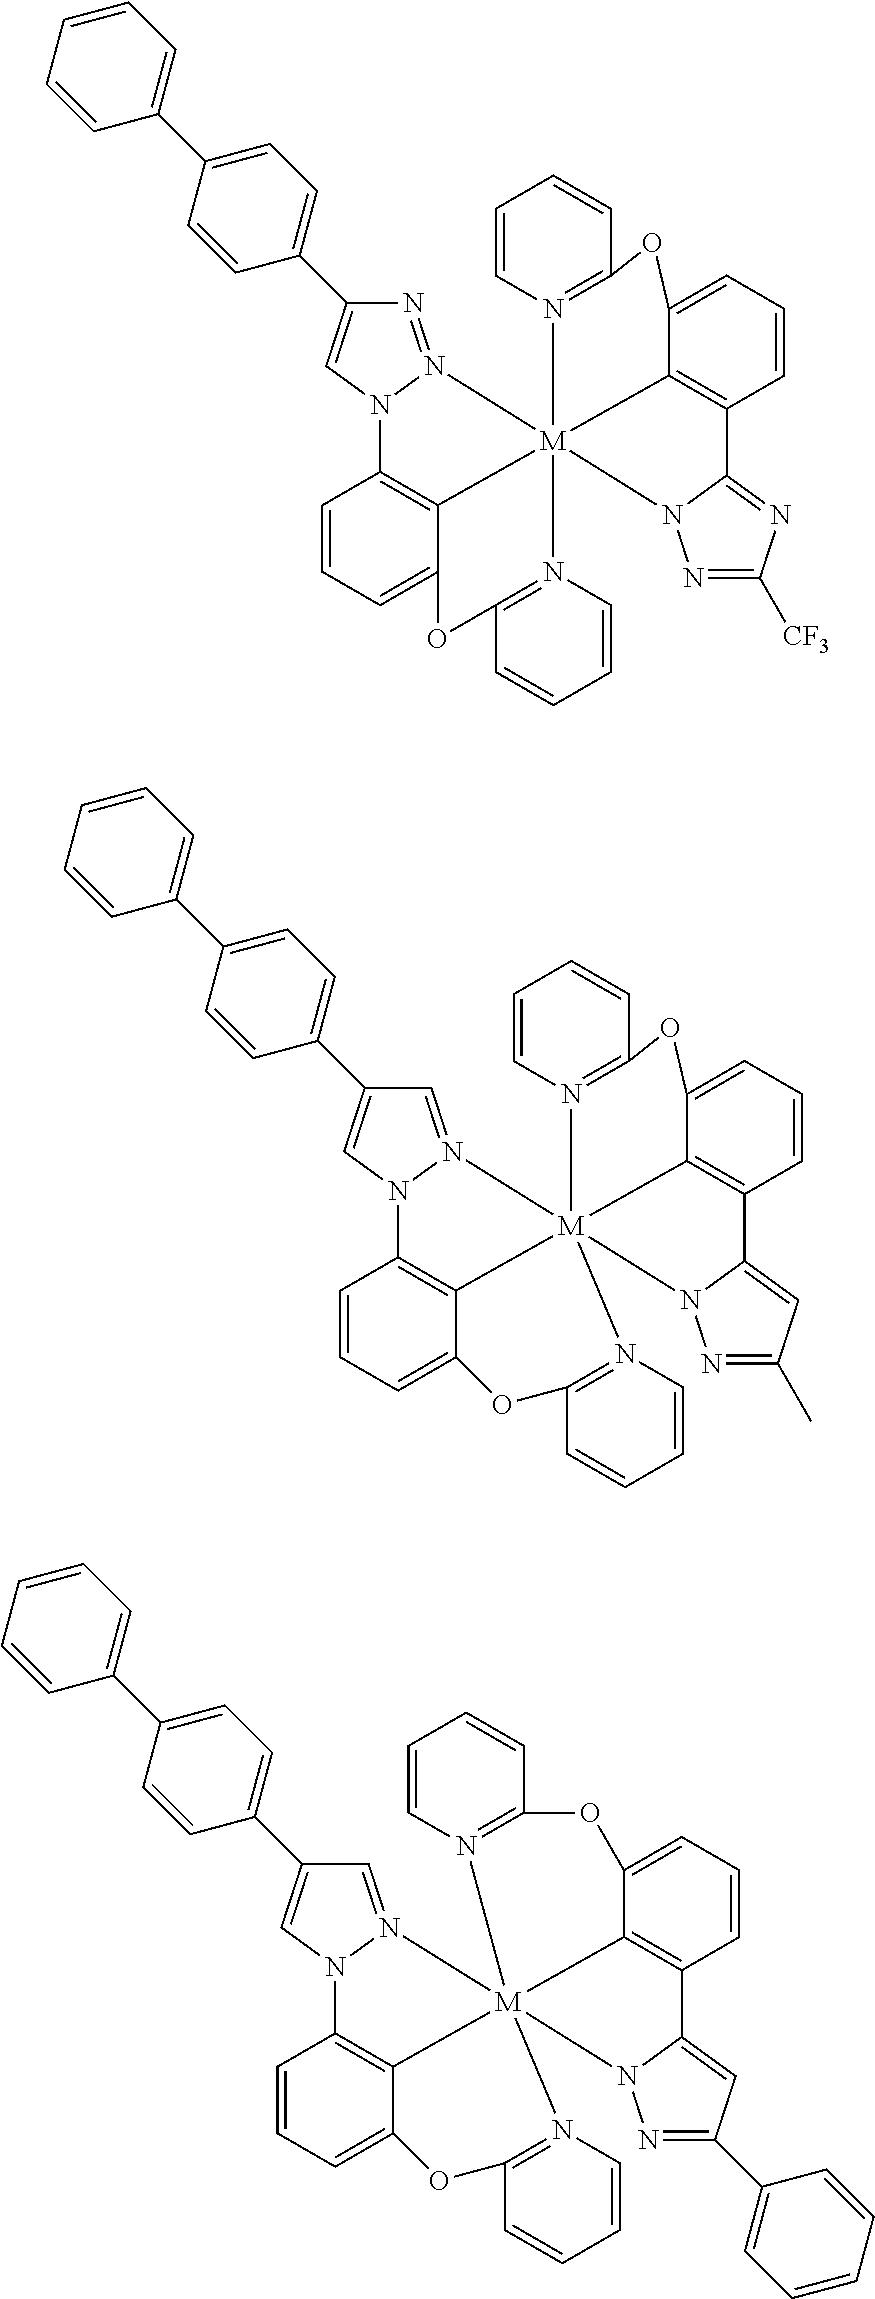 Figure US09818959-20171114-C00236